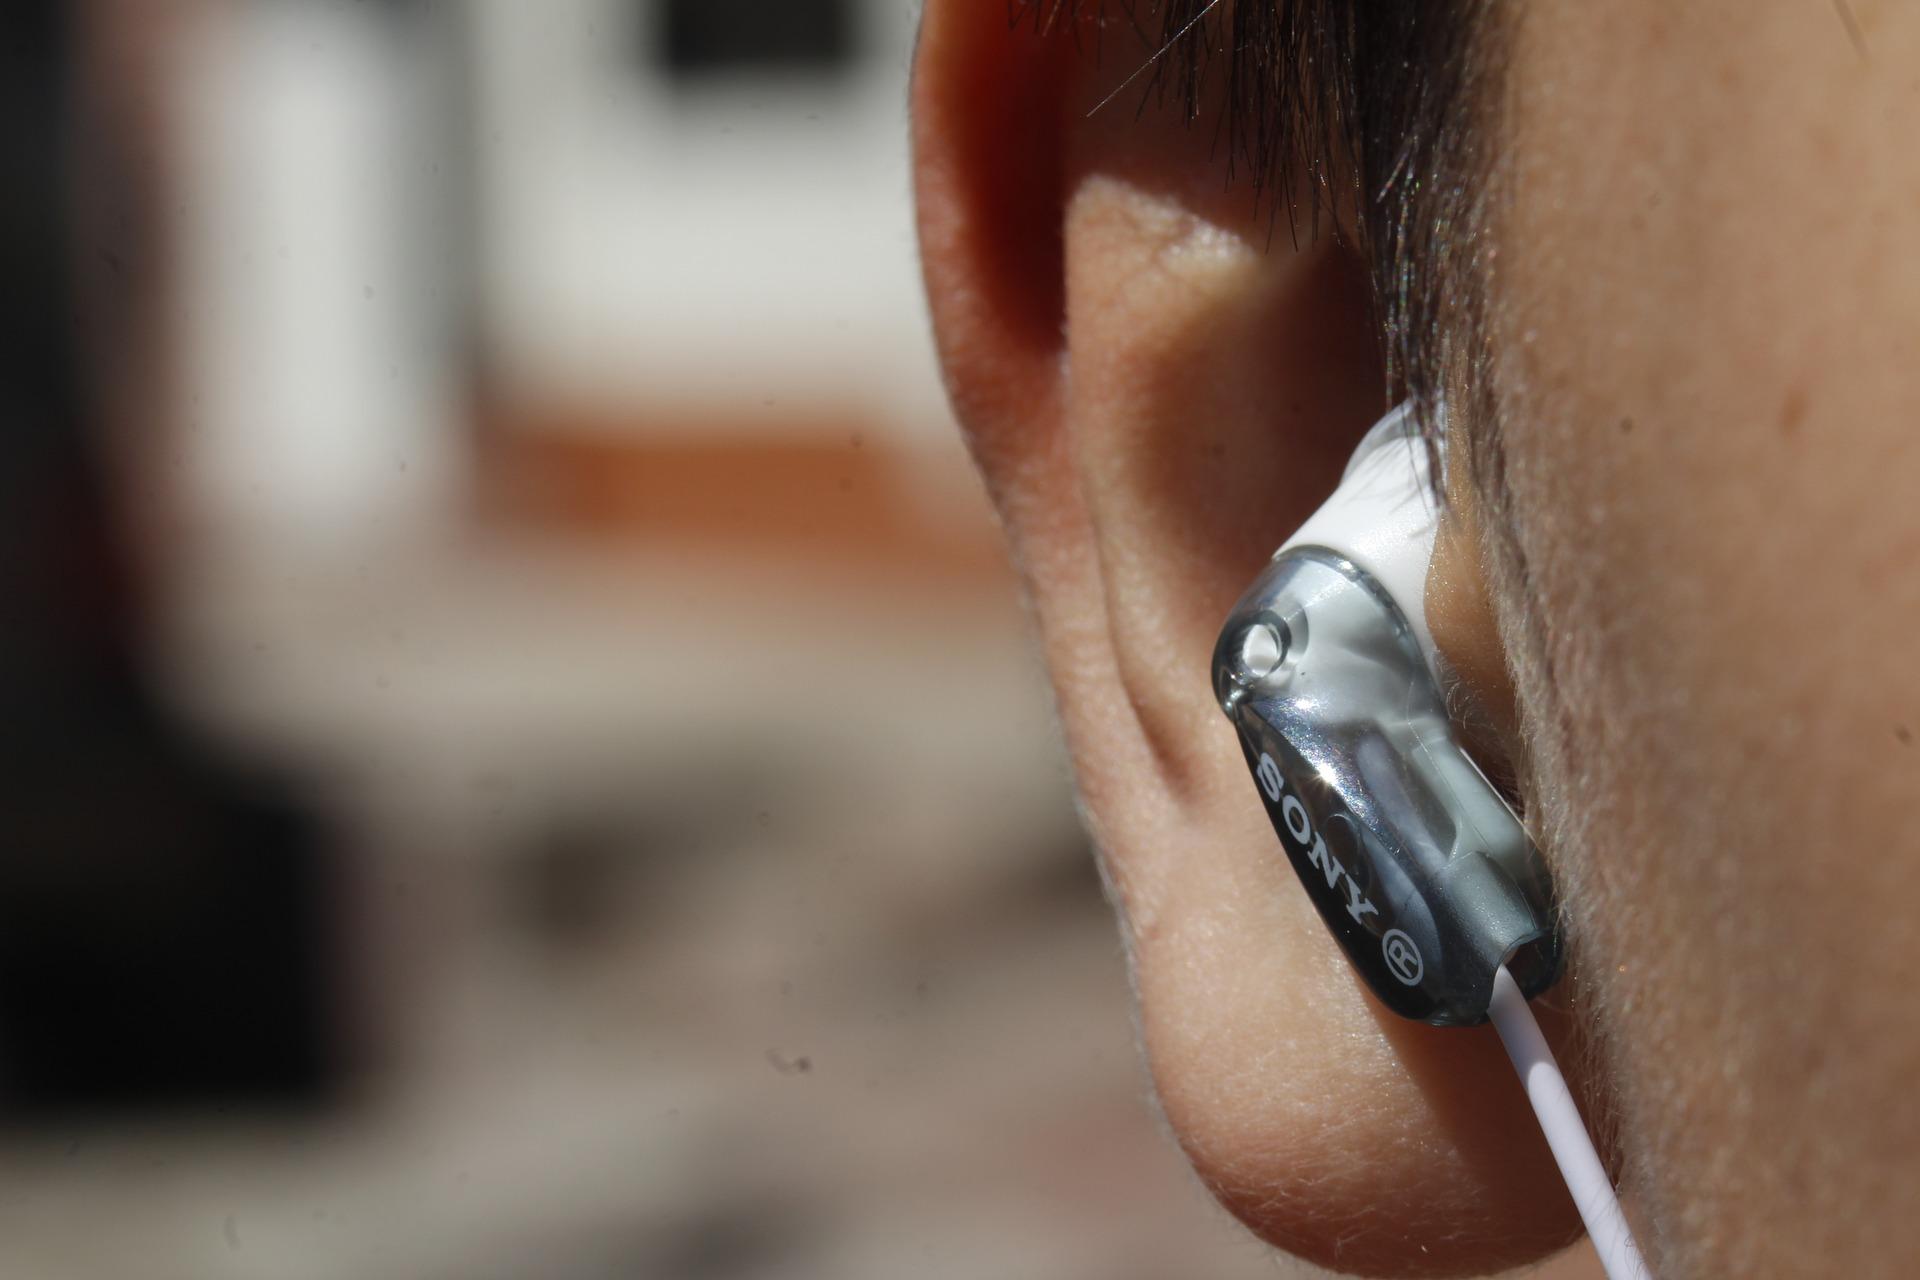 Oreille d'un homme qui porte un écouteur